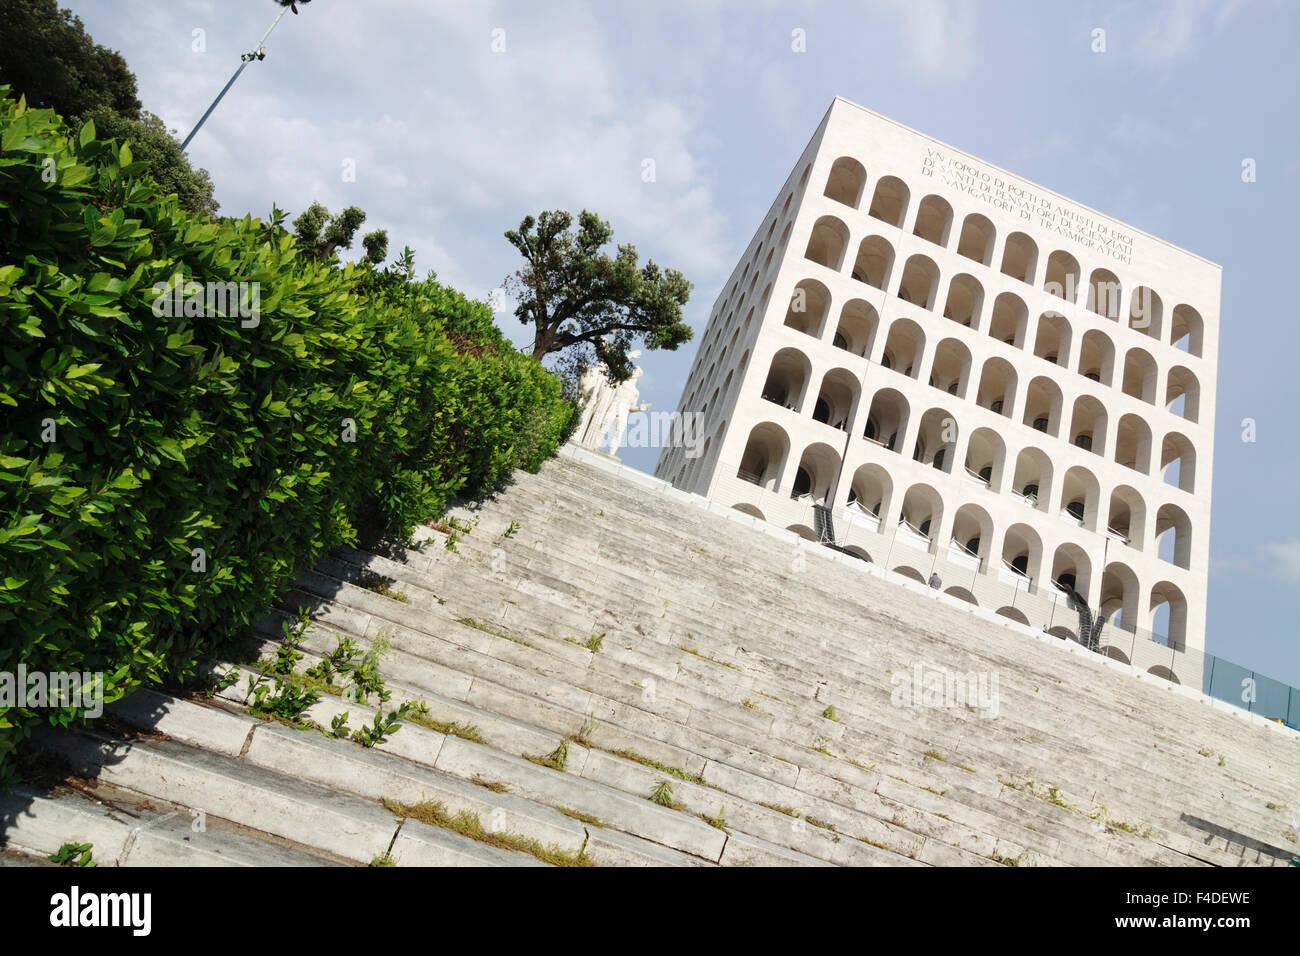 Palazzo della Civilta, un icono de la arquitectura fascista. El distrito EUR, Roma, Italia Imagen De Stock